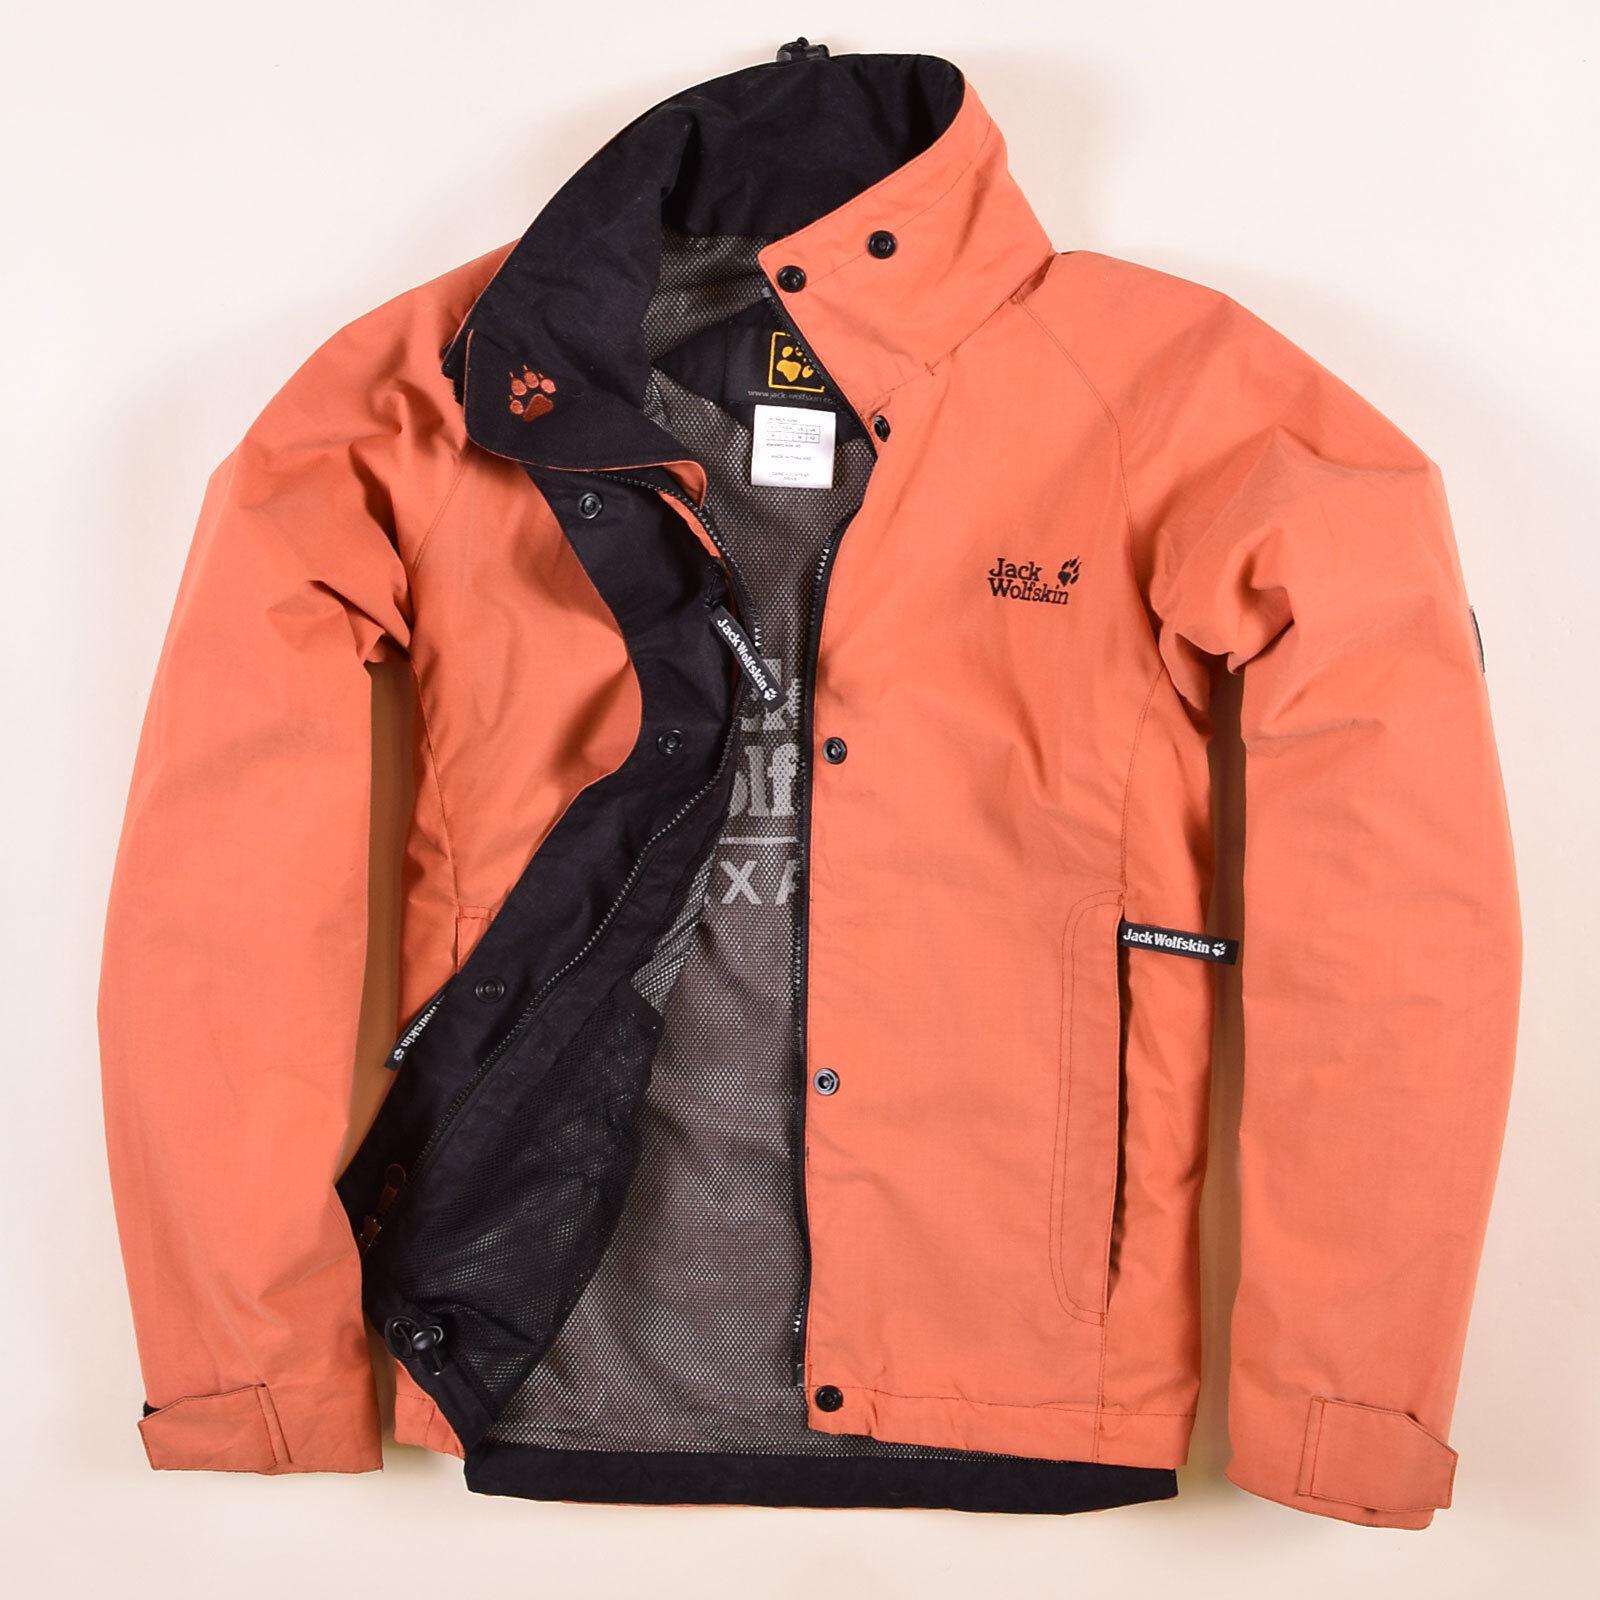 Jack Wolfskin Damen Jacke Jacket Gr.40 Regenjacke Texapore Orange, 52270